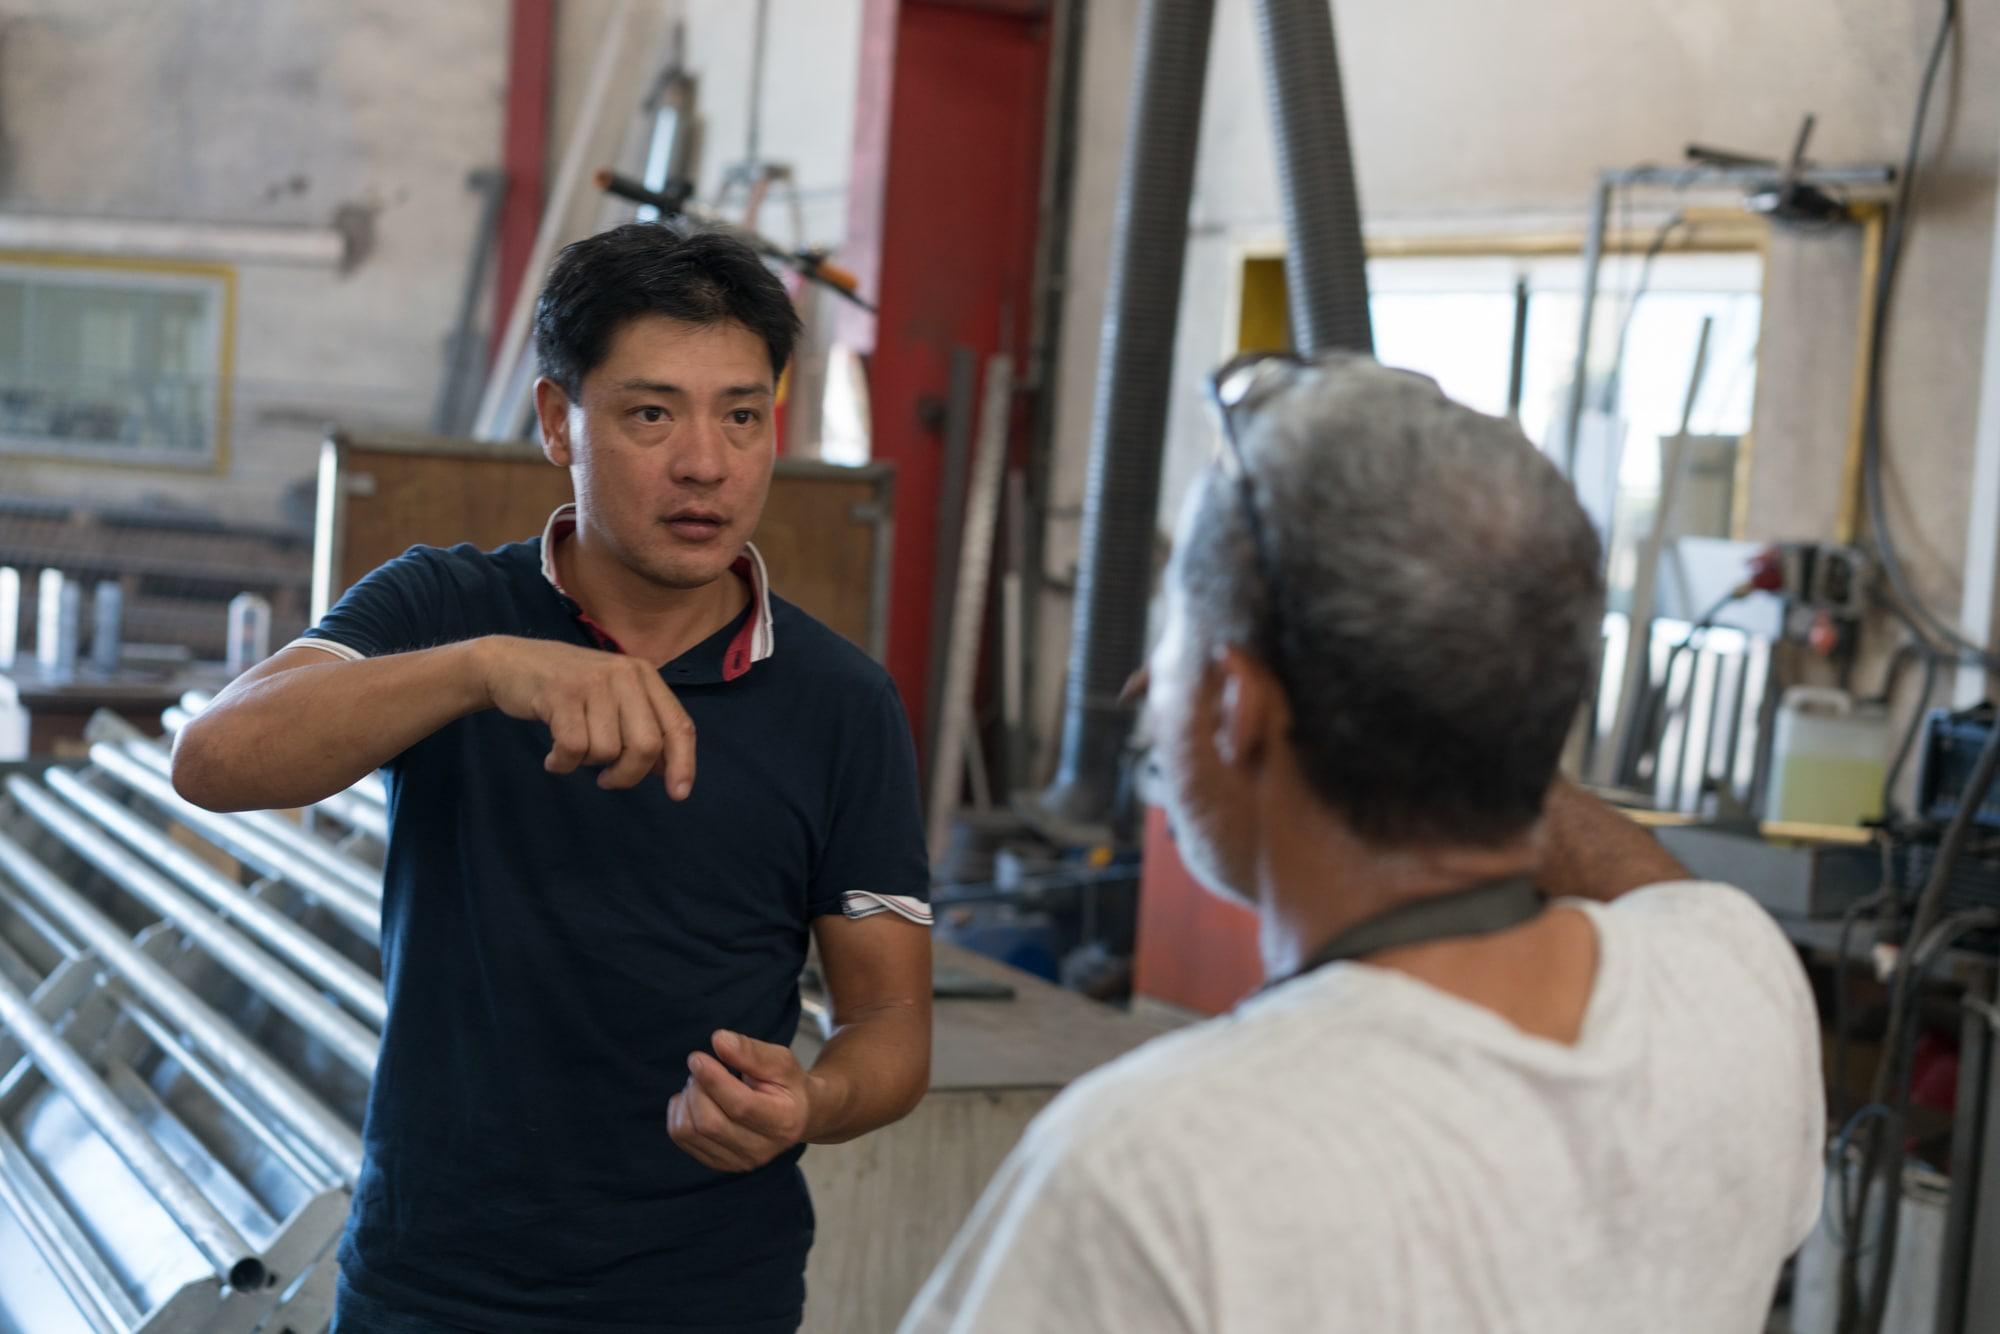 Jean-Claude communique avec un homme à l'aide de signes.